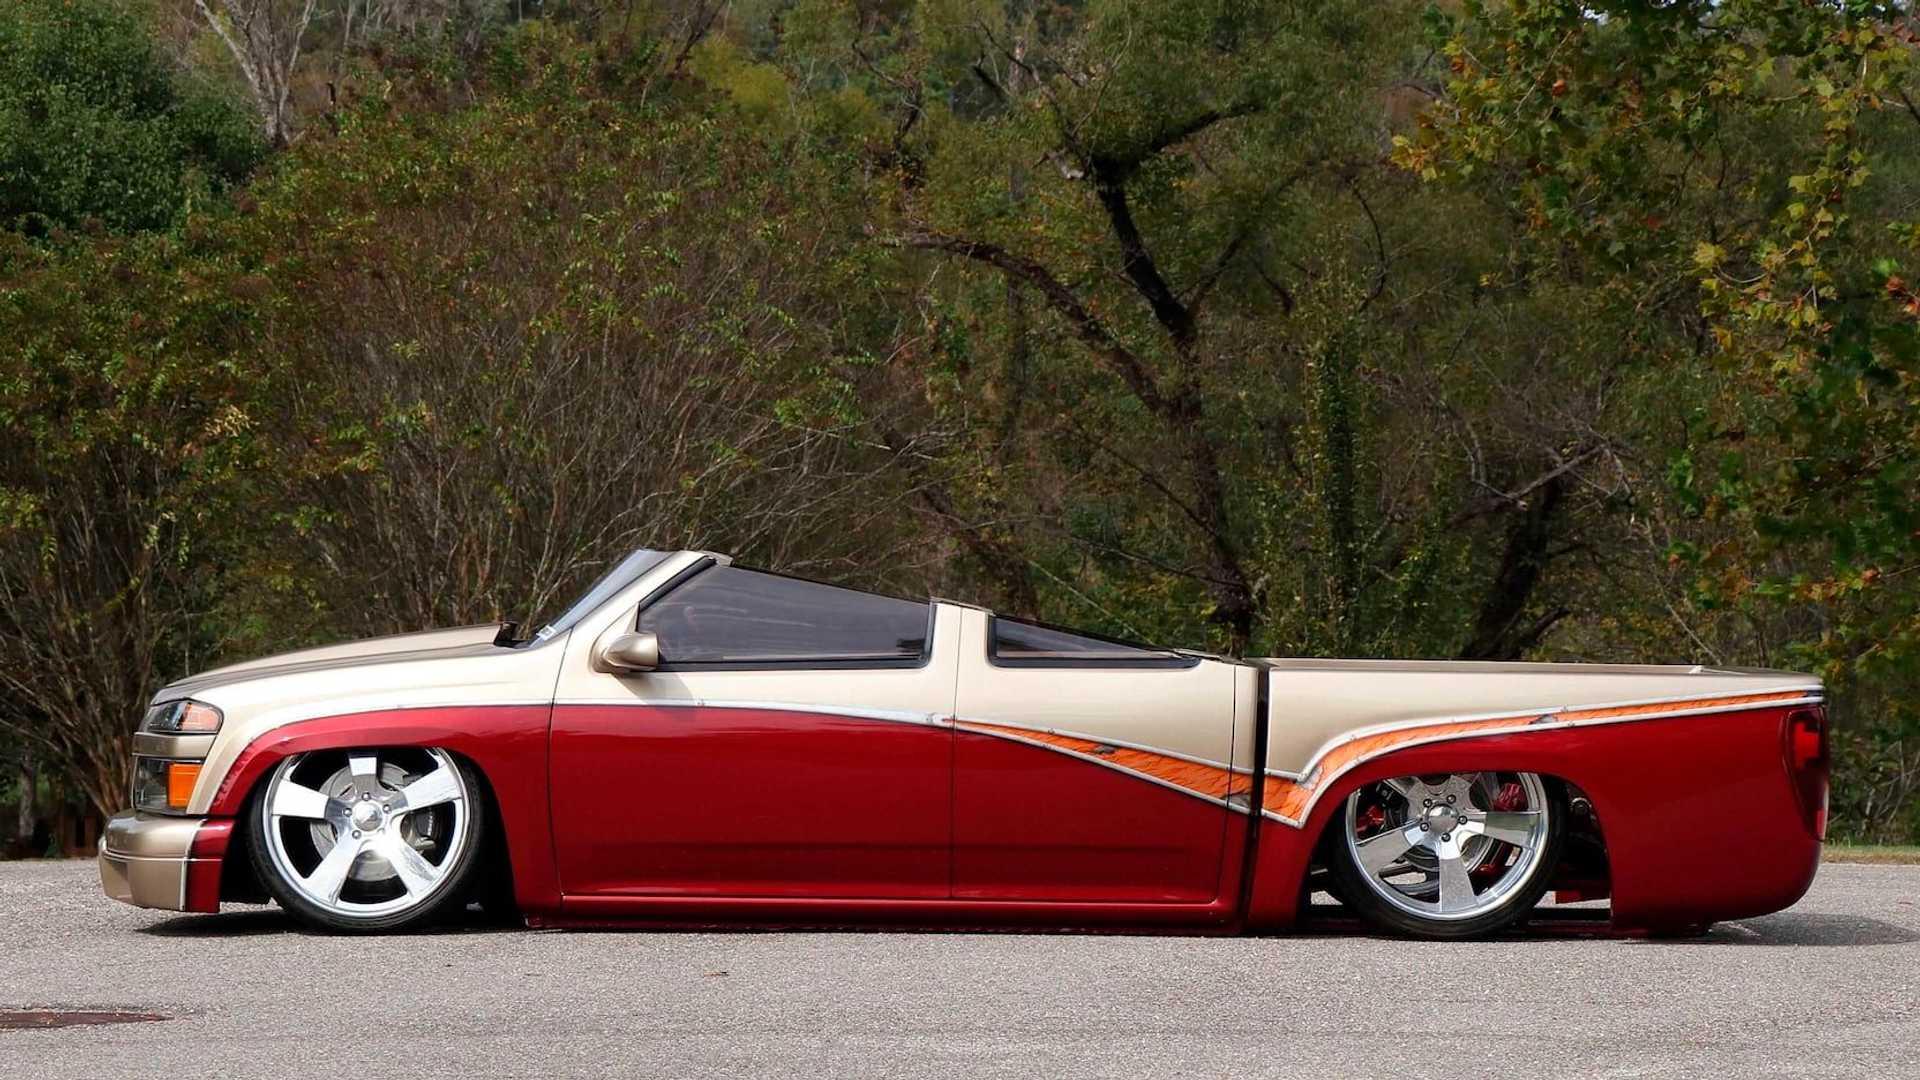 В ноябре в Лас-Вегасе пройдёт выставка-аукцион, посвящённая редким и уникальным автомобилям. Этот Chevrolet Colorado, заниженный и переделанный в родстер, определённо станет одним из наиболее любопытных экспонатов.